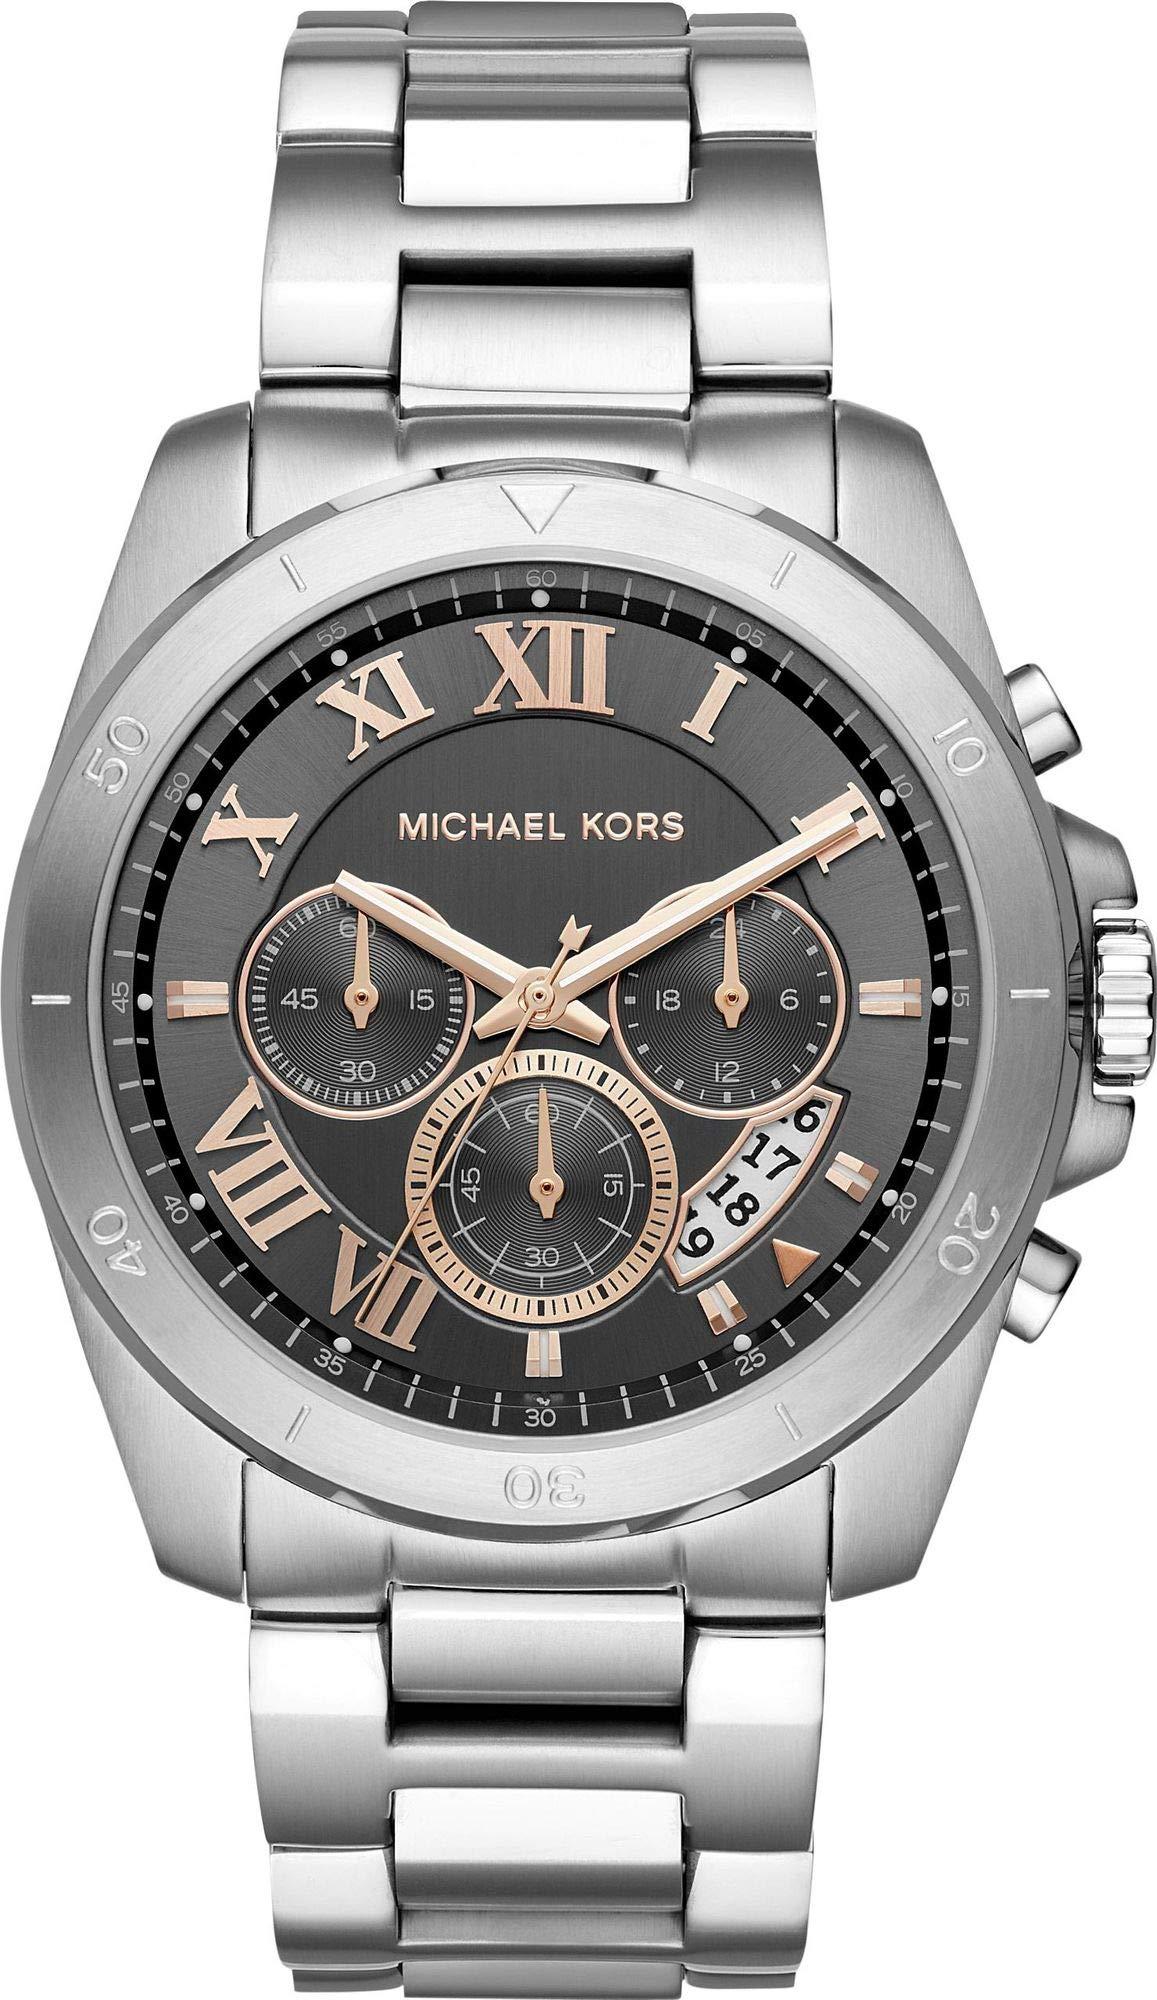 Michael Kors Reloj Analogico para Hombre de Cuarzo con Correa en Acero Inoxidable MK8609